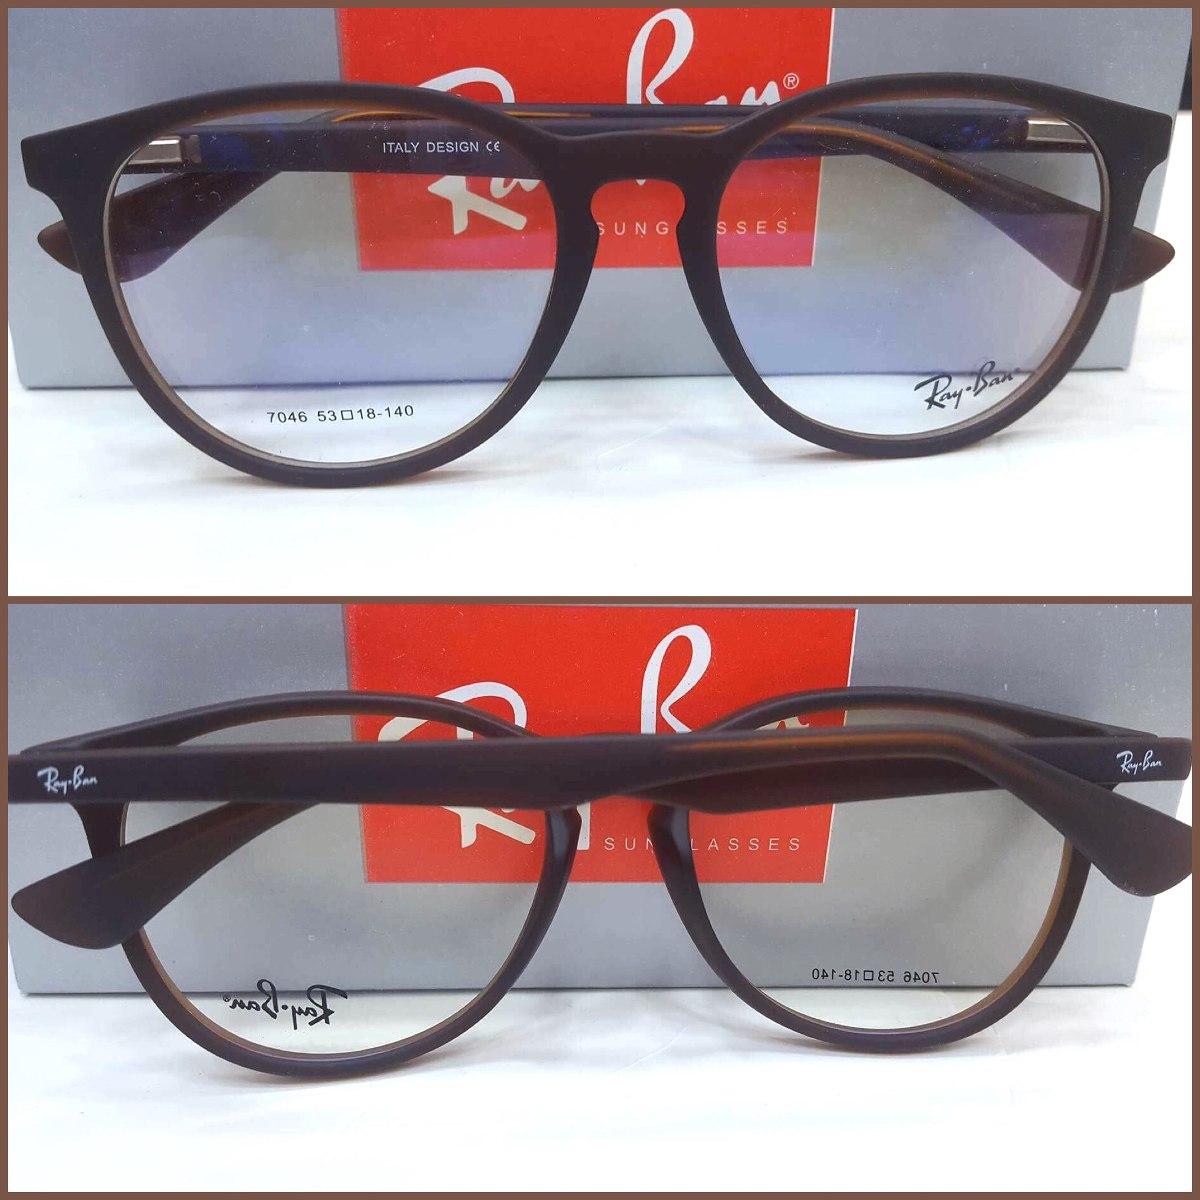 777583b763ae8 rx7046 rb7046 armação óculos redondo marrom frete grátis. Carregando zoom.